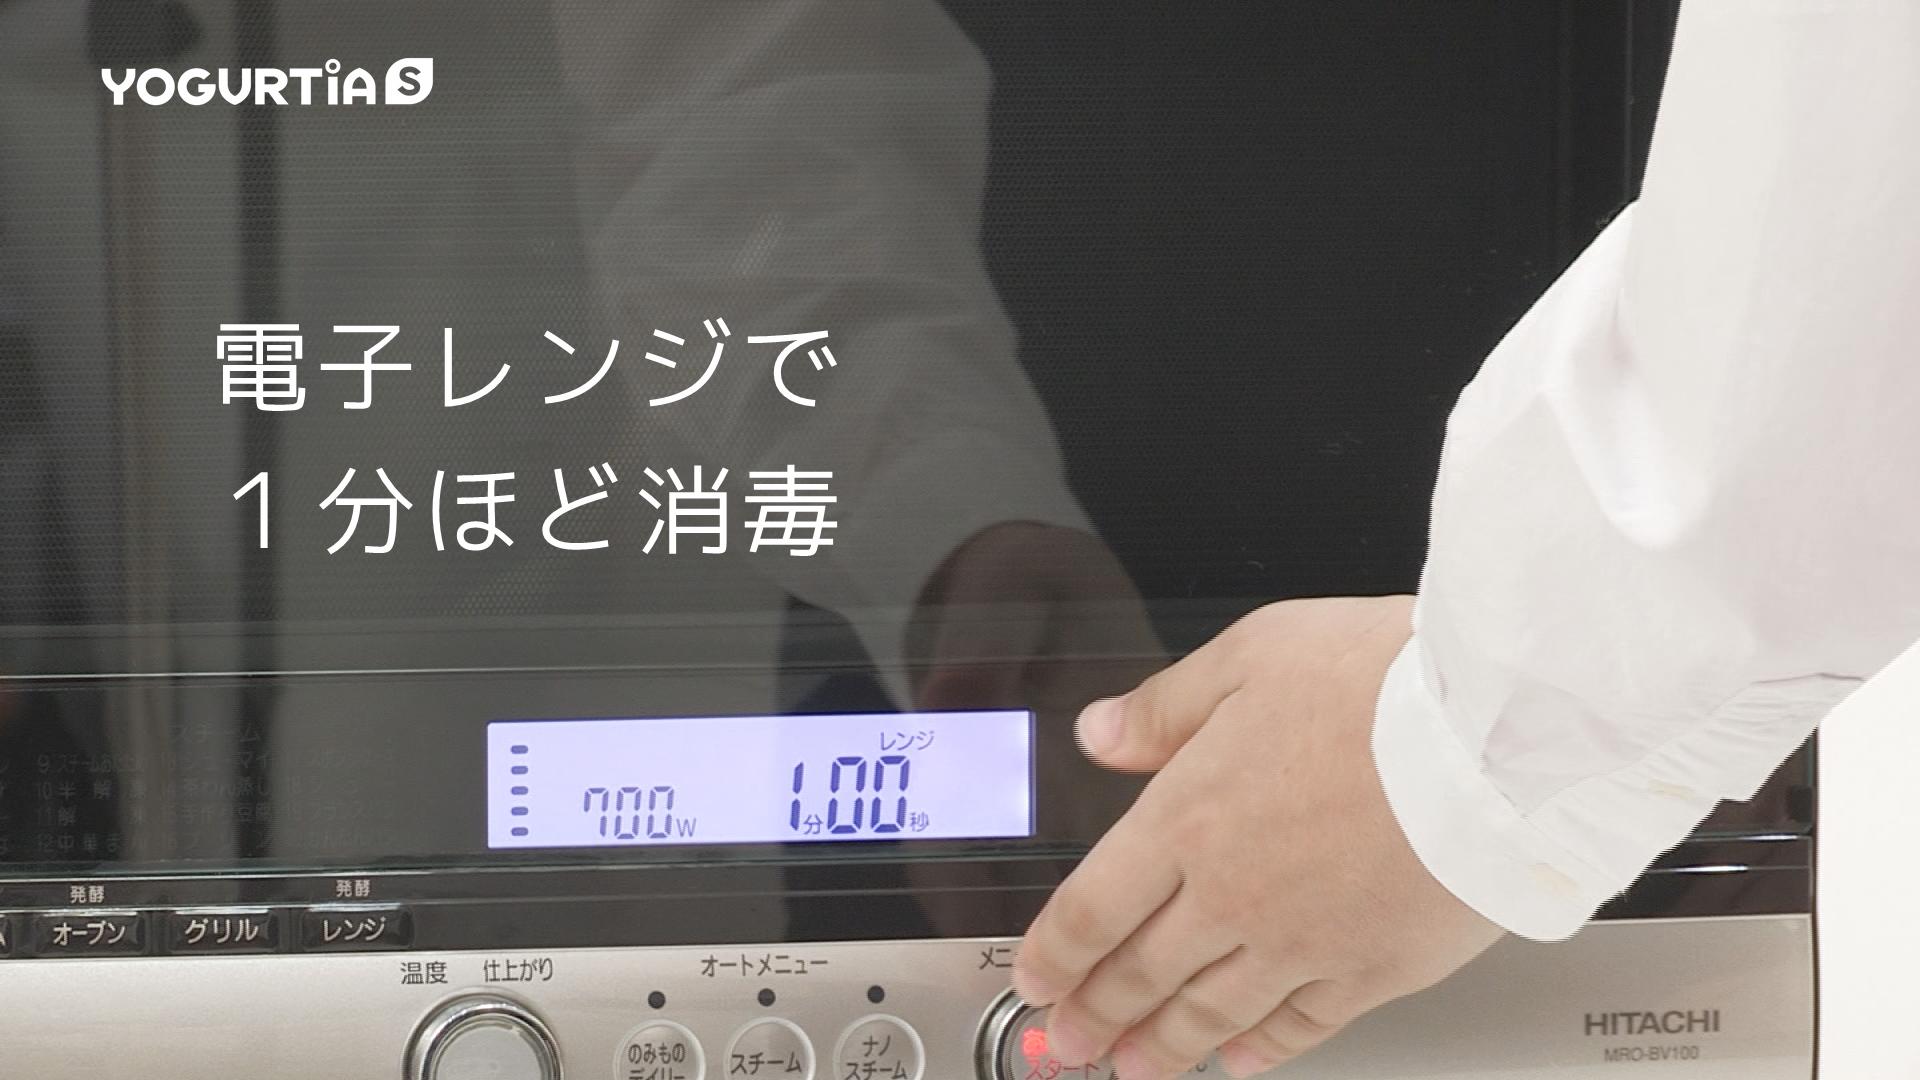 内容器・内ふた・スプーンを電子レンジまたは熱湯で消毒します。※消毒方法は、発酵器の取扱説明書をご参照ください。